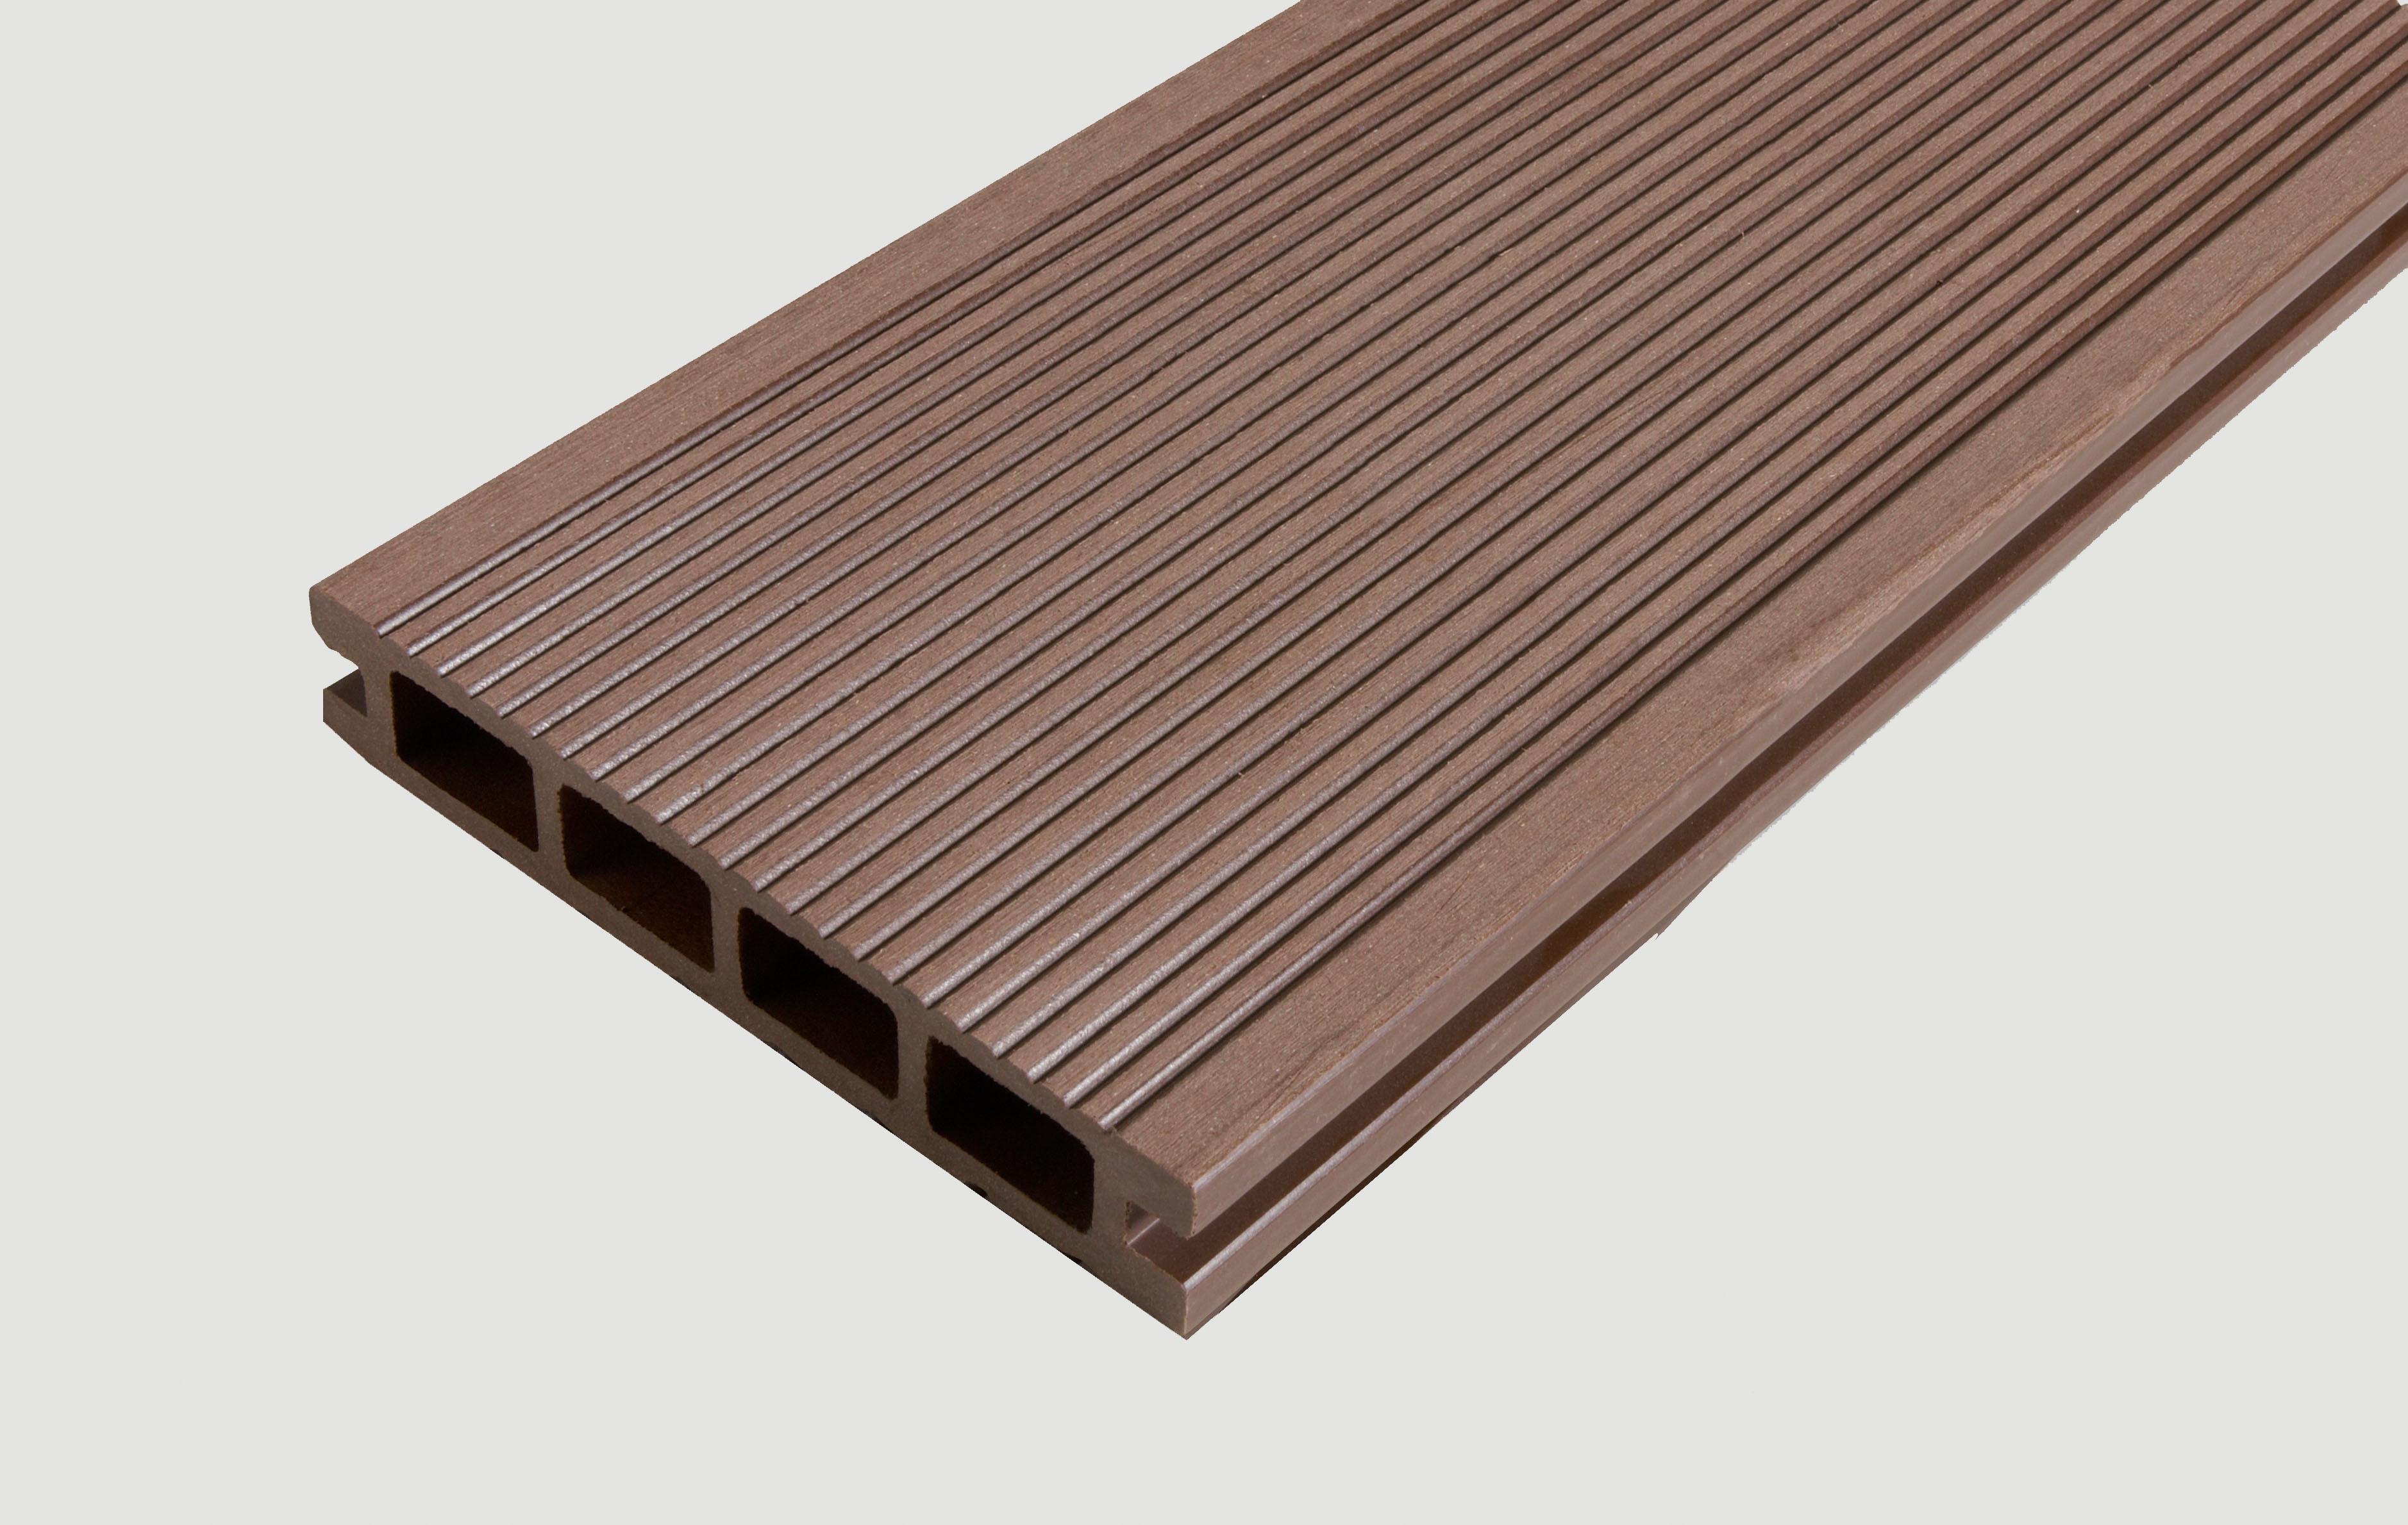 terrasse en bois composite wpc diverses id es de conception de patio en bois pour. Black Bedroom Furniture Sets. Home Design Ideas